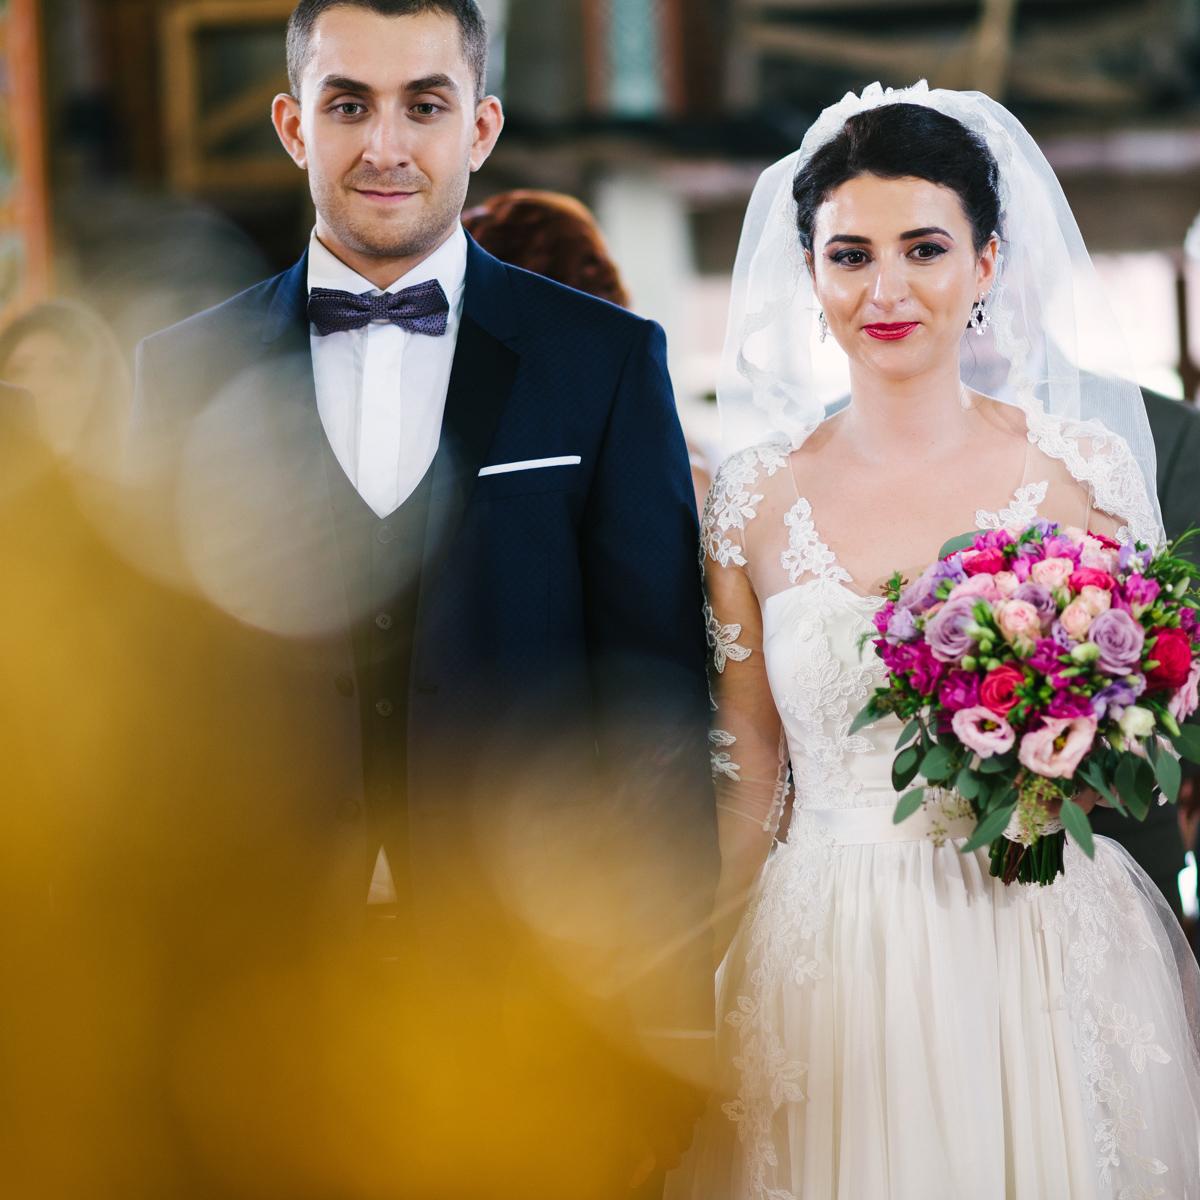 fotograf-nunta-bucuresti-070